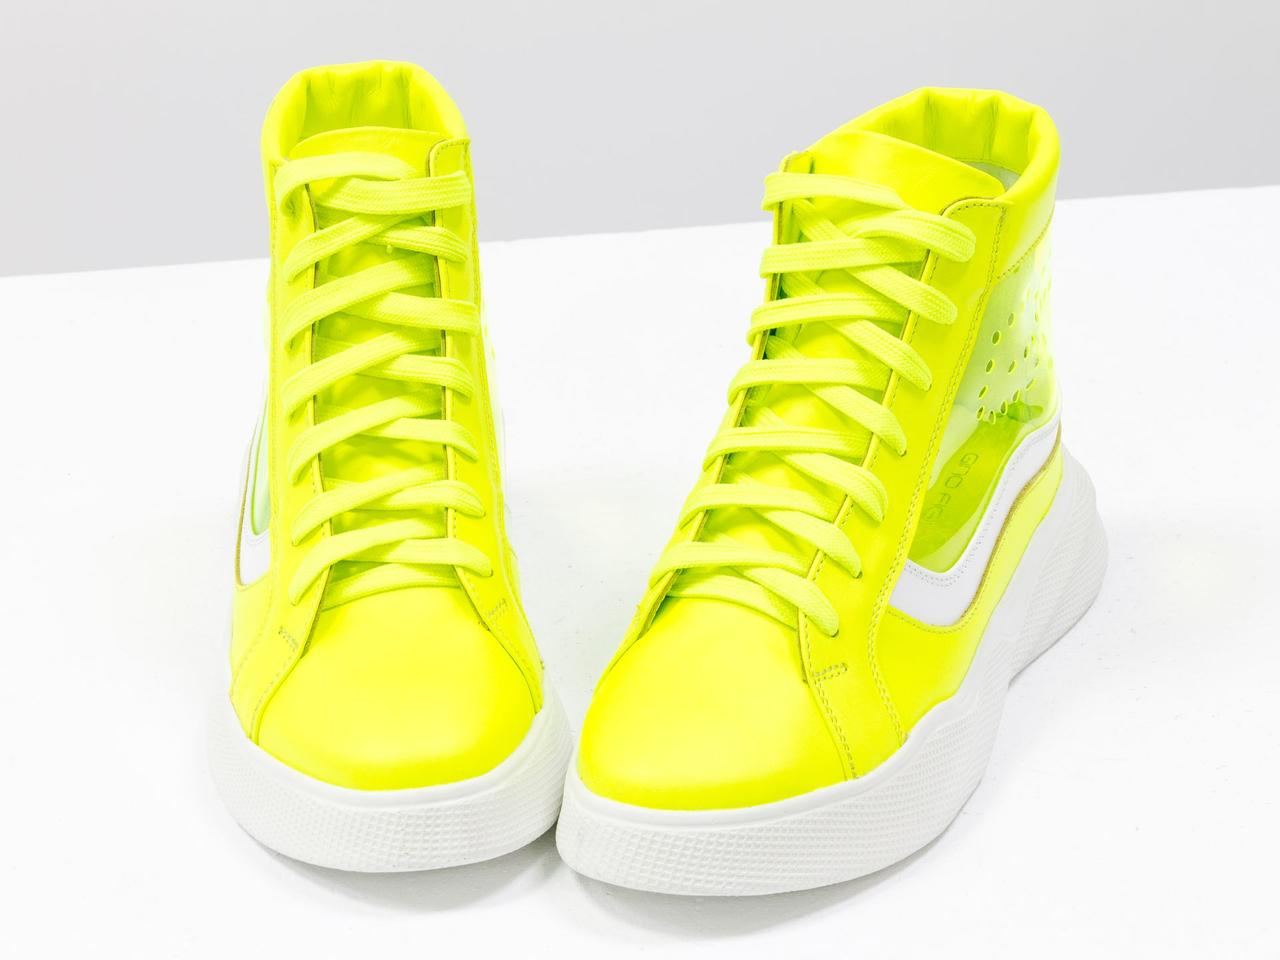 Дизайнерские прозрачные ботинки из натуральной неоновой кожи желтого и белого цвета - фото 7